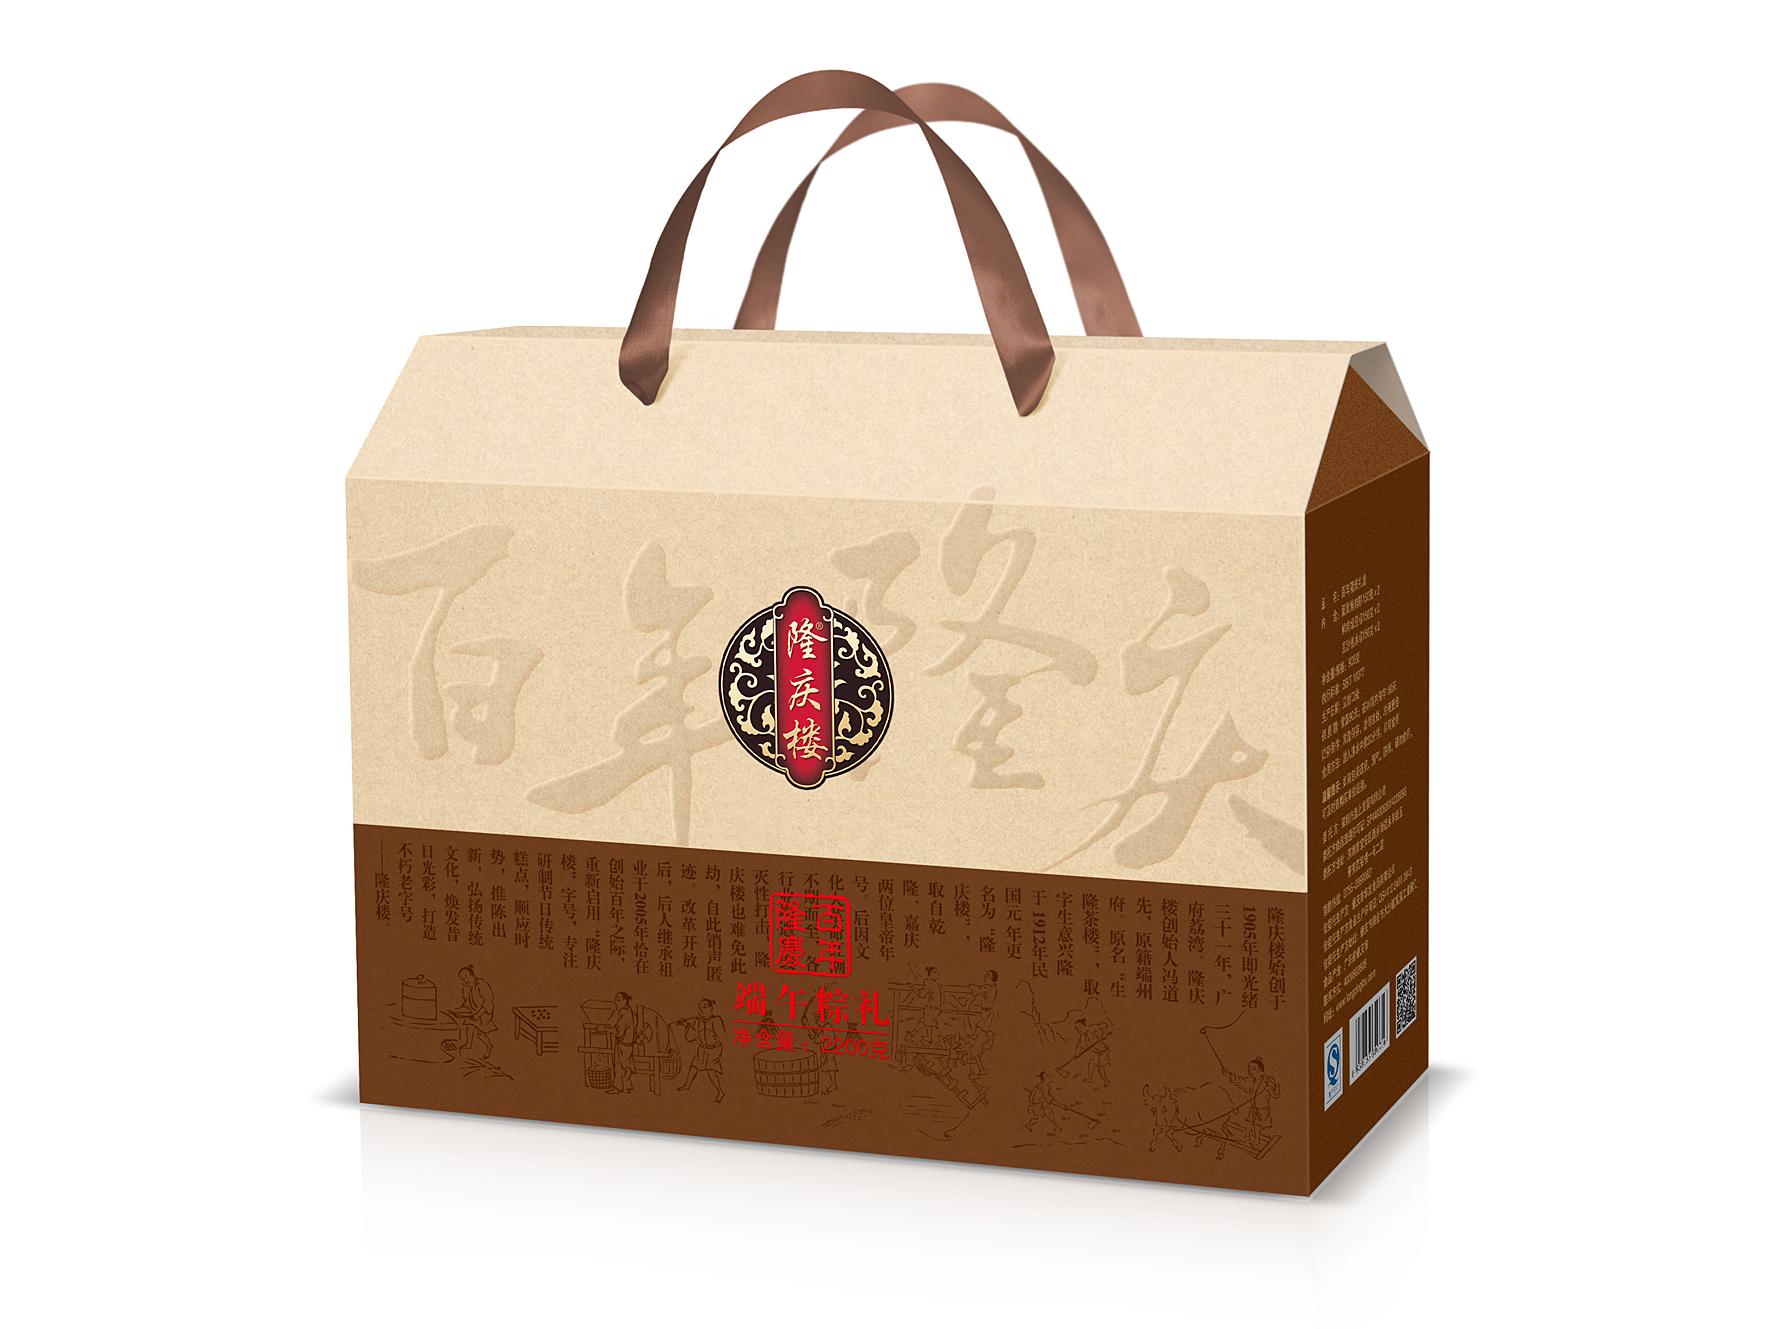 包 包包 包装 包装设计 购物纸袋 挎包手袋 女包 手提包 纸袋 1772